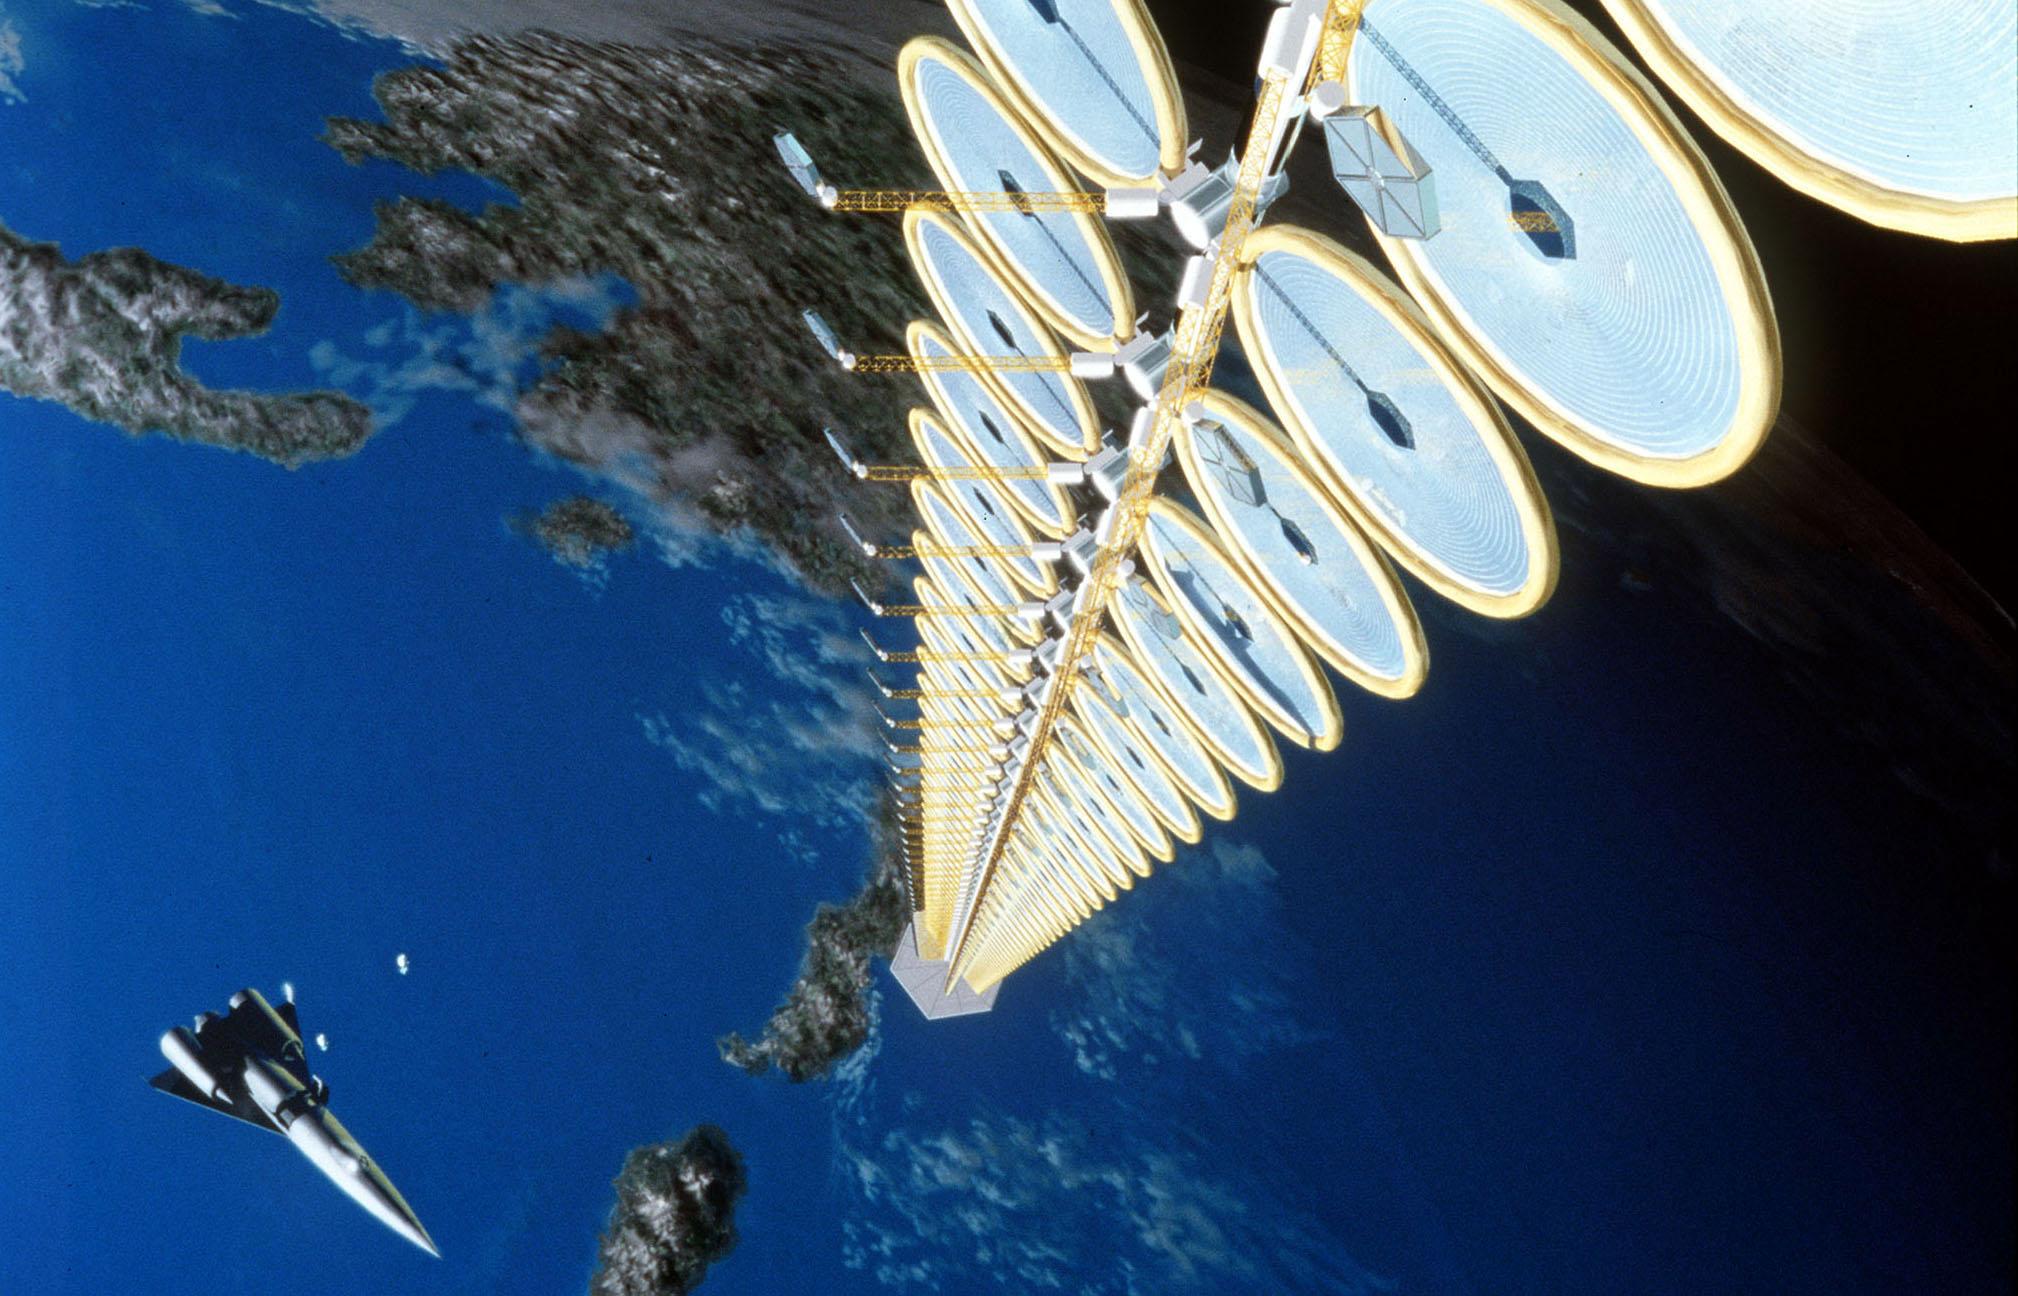 Le Japon envisage de construire une centrale solaire dans l'Espace